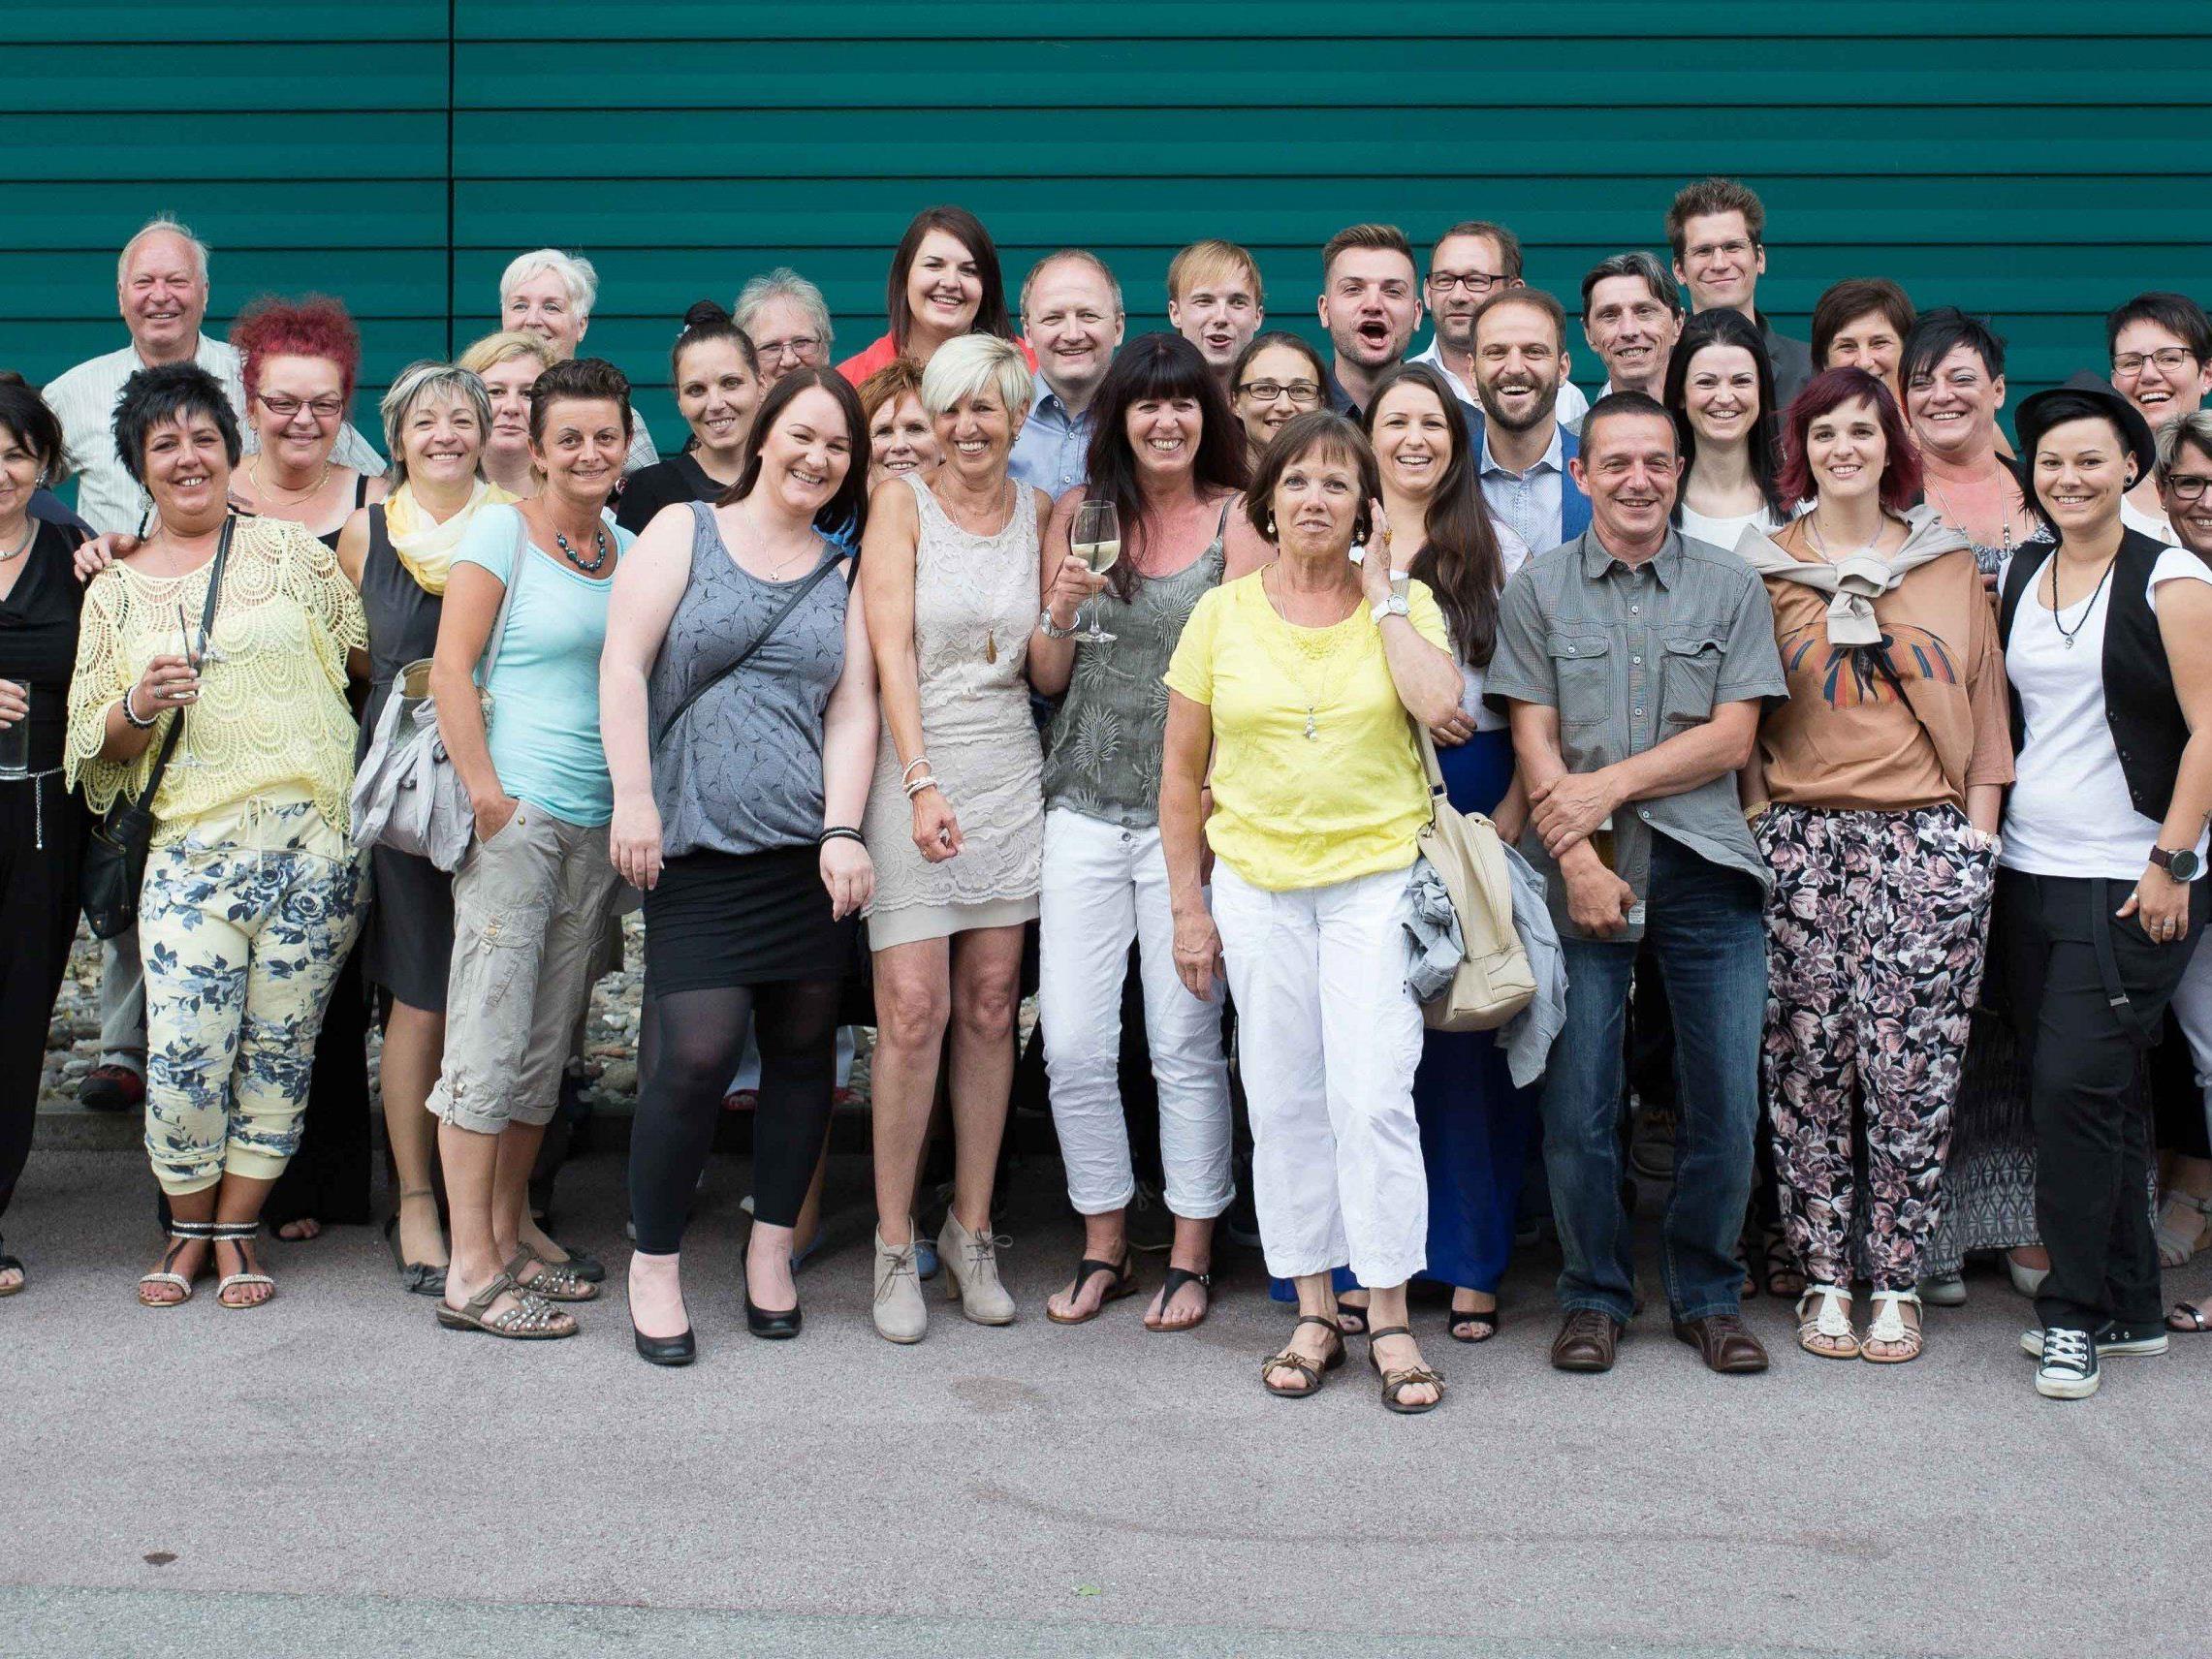 Die MitarbeiterInnen des SeneCura Sozialzentrums Bludenz unterhielten sich bestens beim alljährlichen Sommerfest.